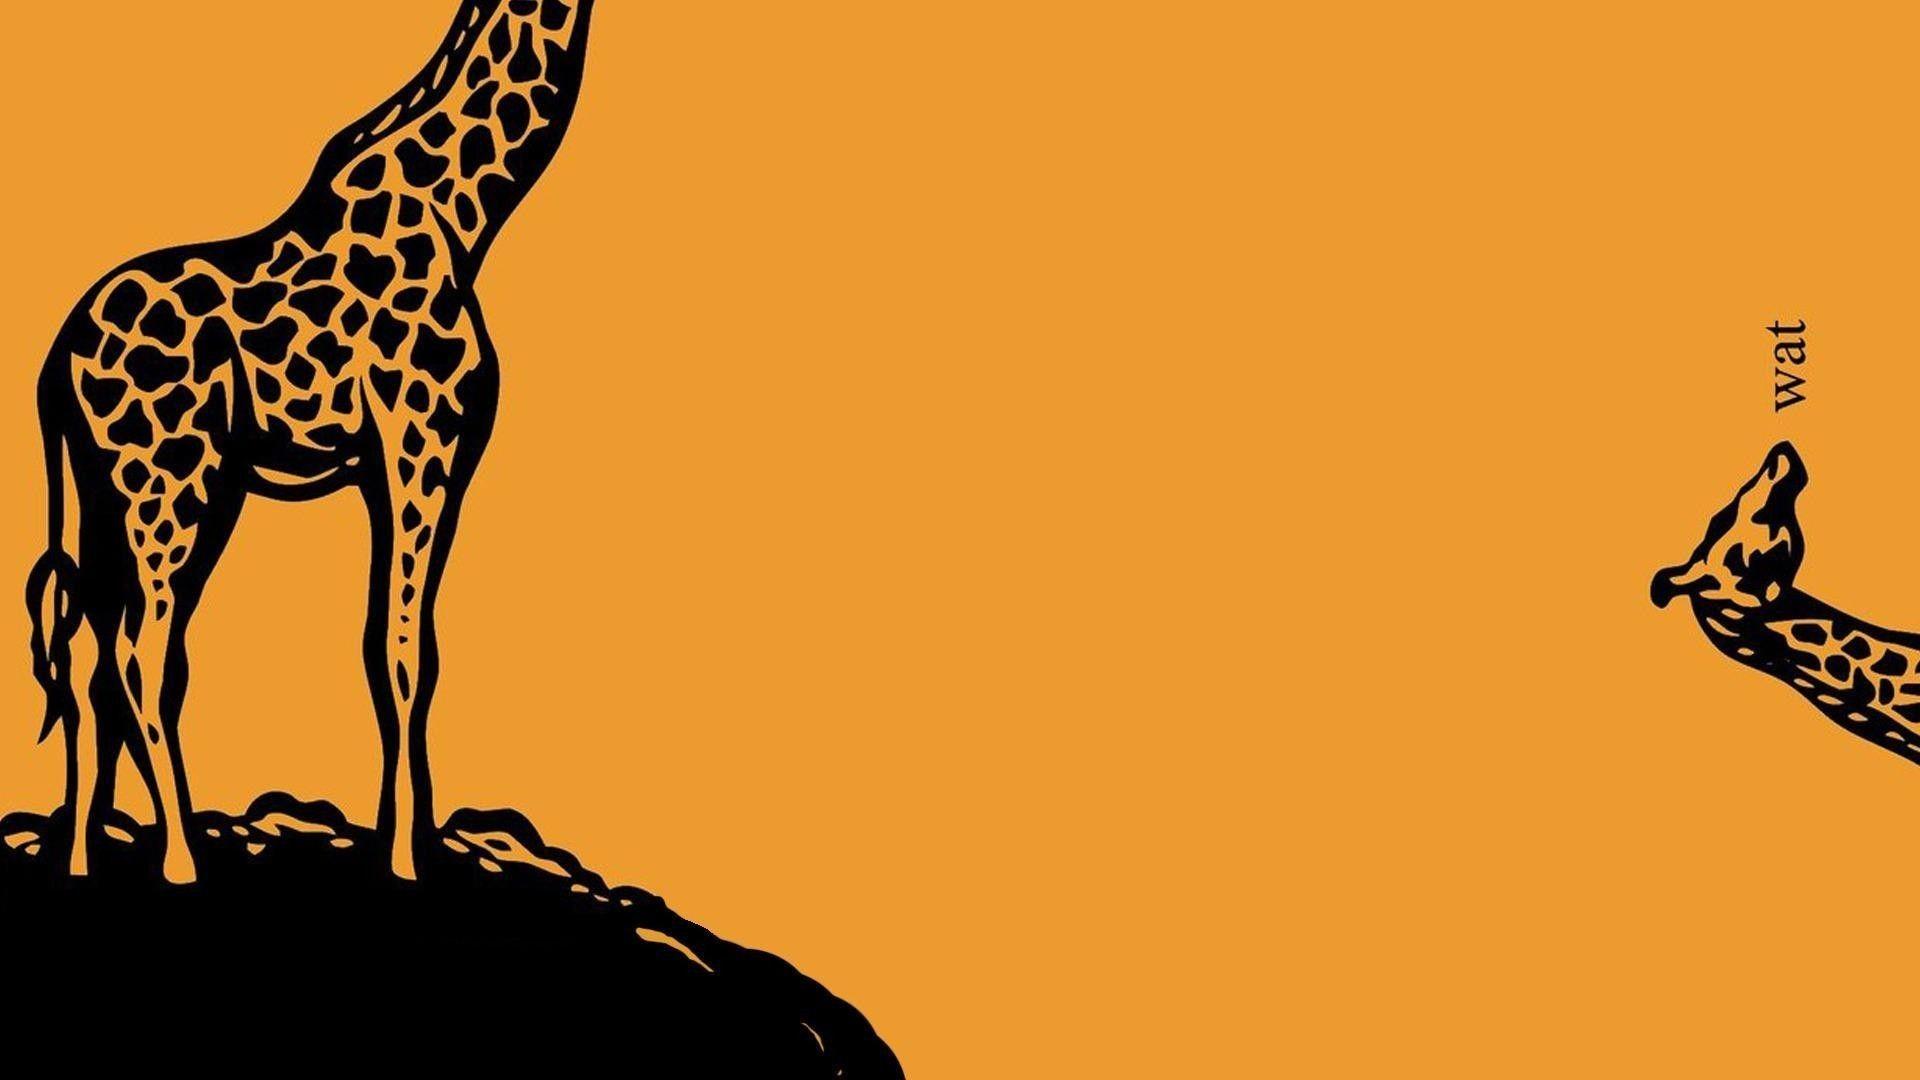 Giraffe Wallpaper Cartoon 2021 Live Wallpaper Hd Giraffe Pictures Giraffe Images Giraffe